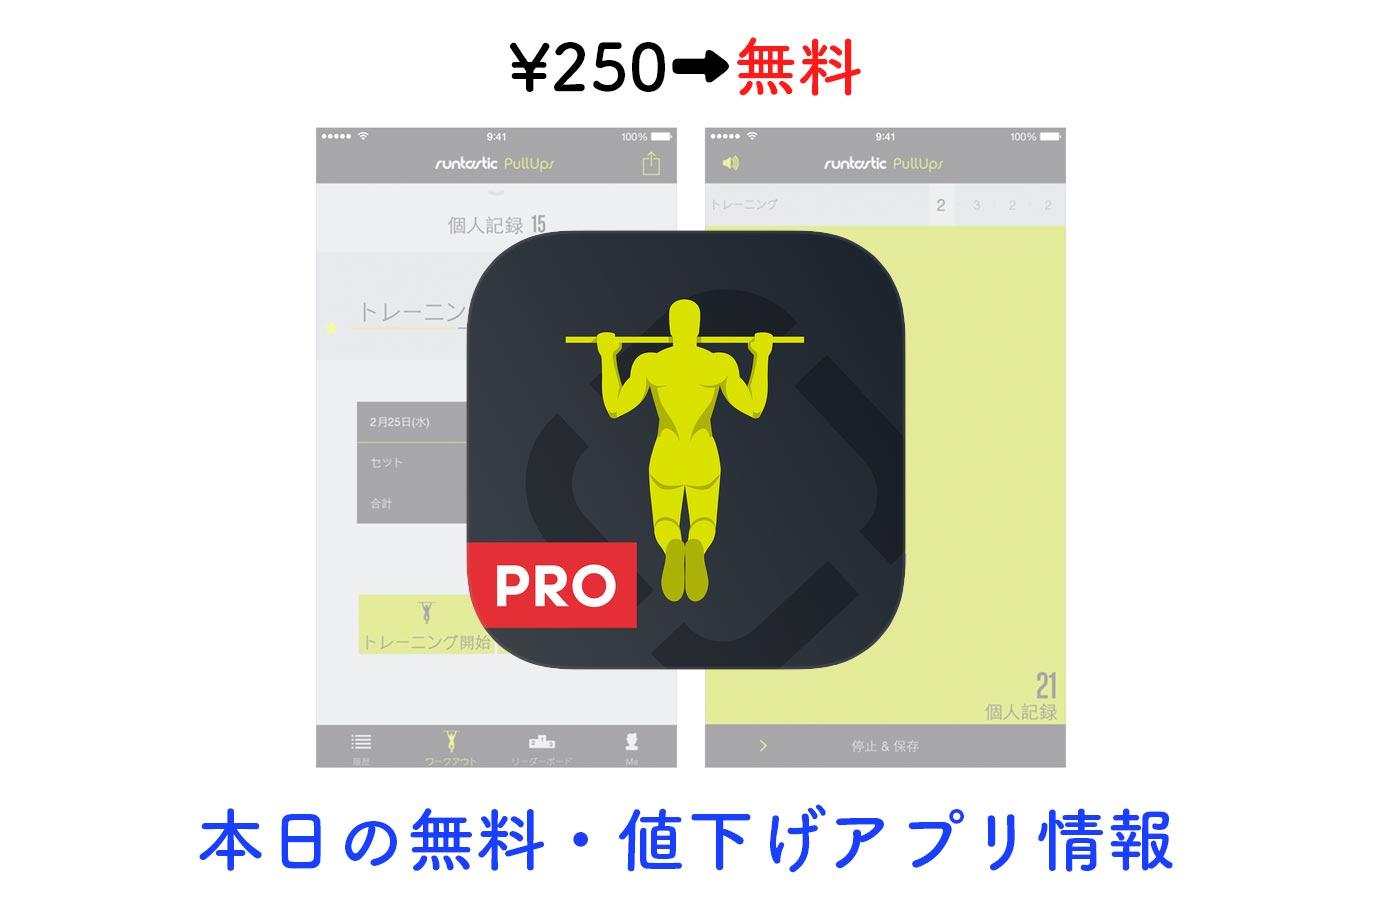 ¥250→無料、筋トレが捗る懸垂回数カウンター「Runtastic 懸垂回数カウントPRO」など【10/29】本日の無料・値下げアプリ情報